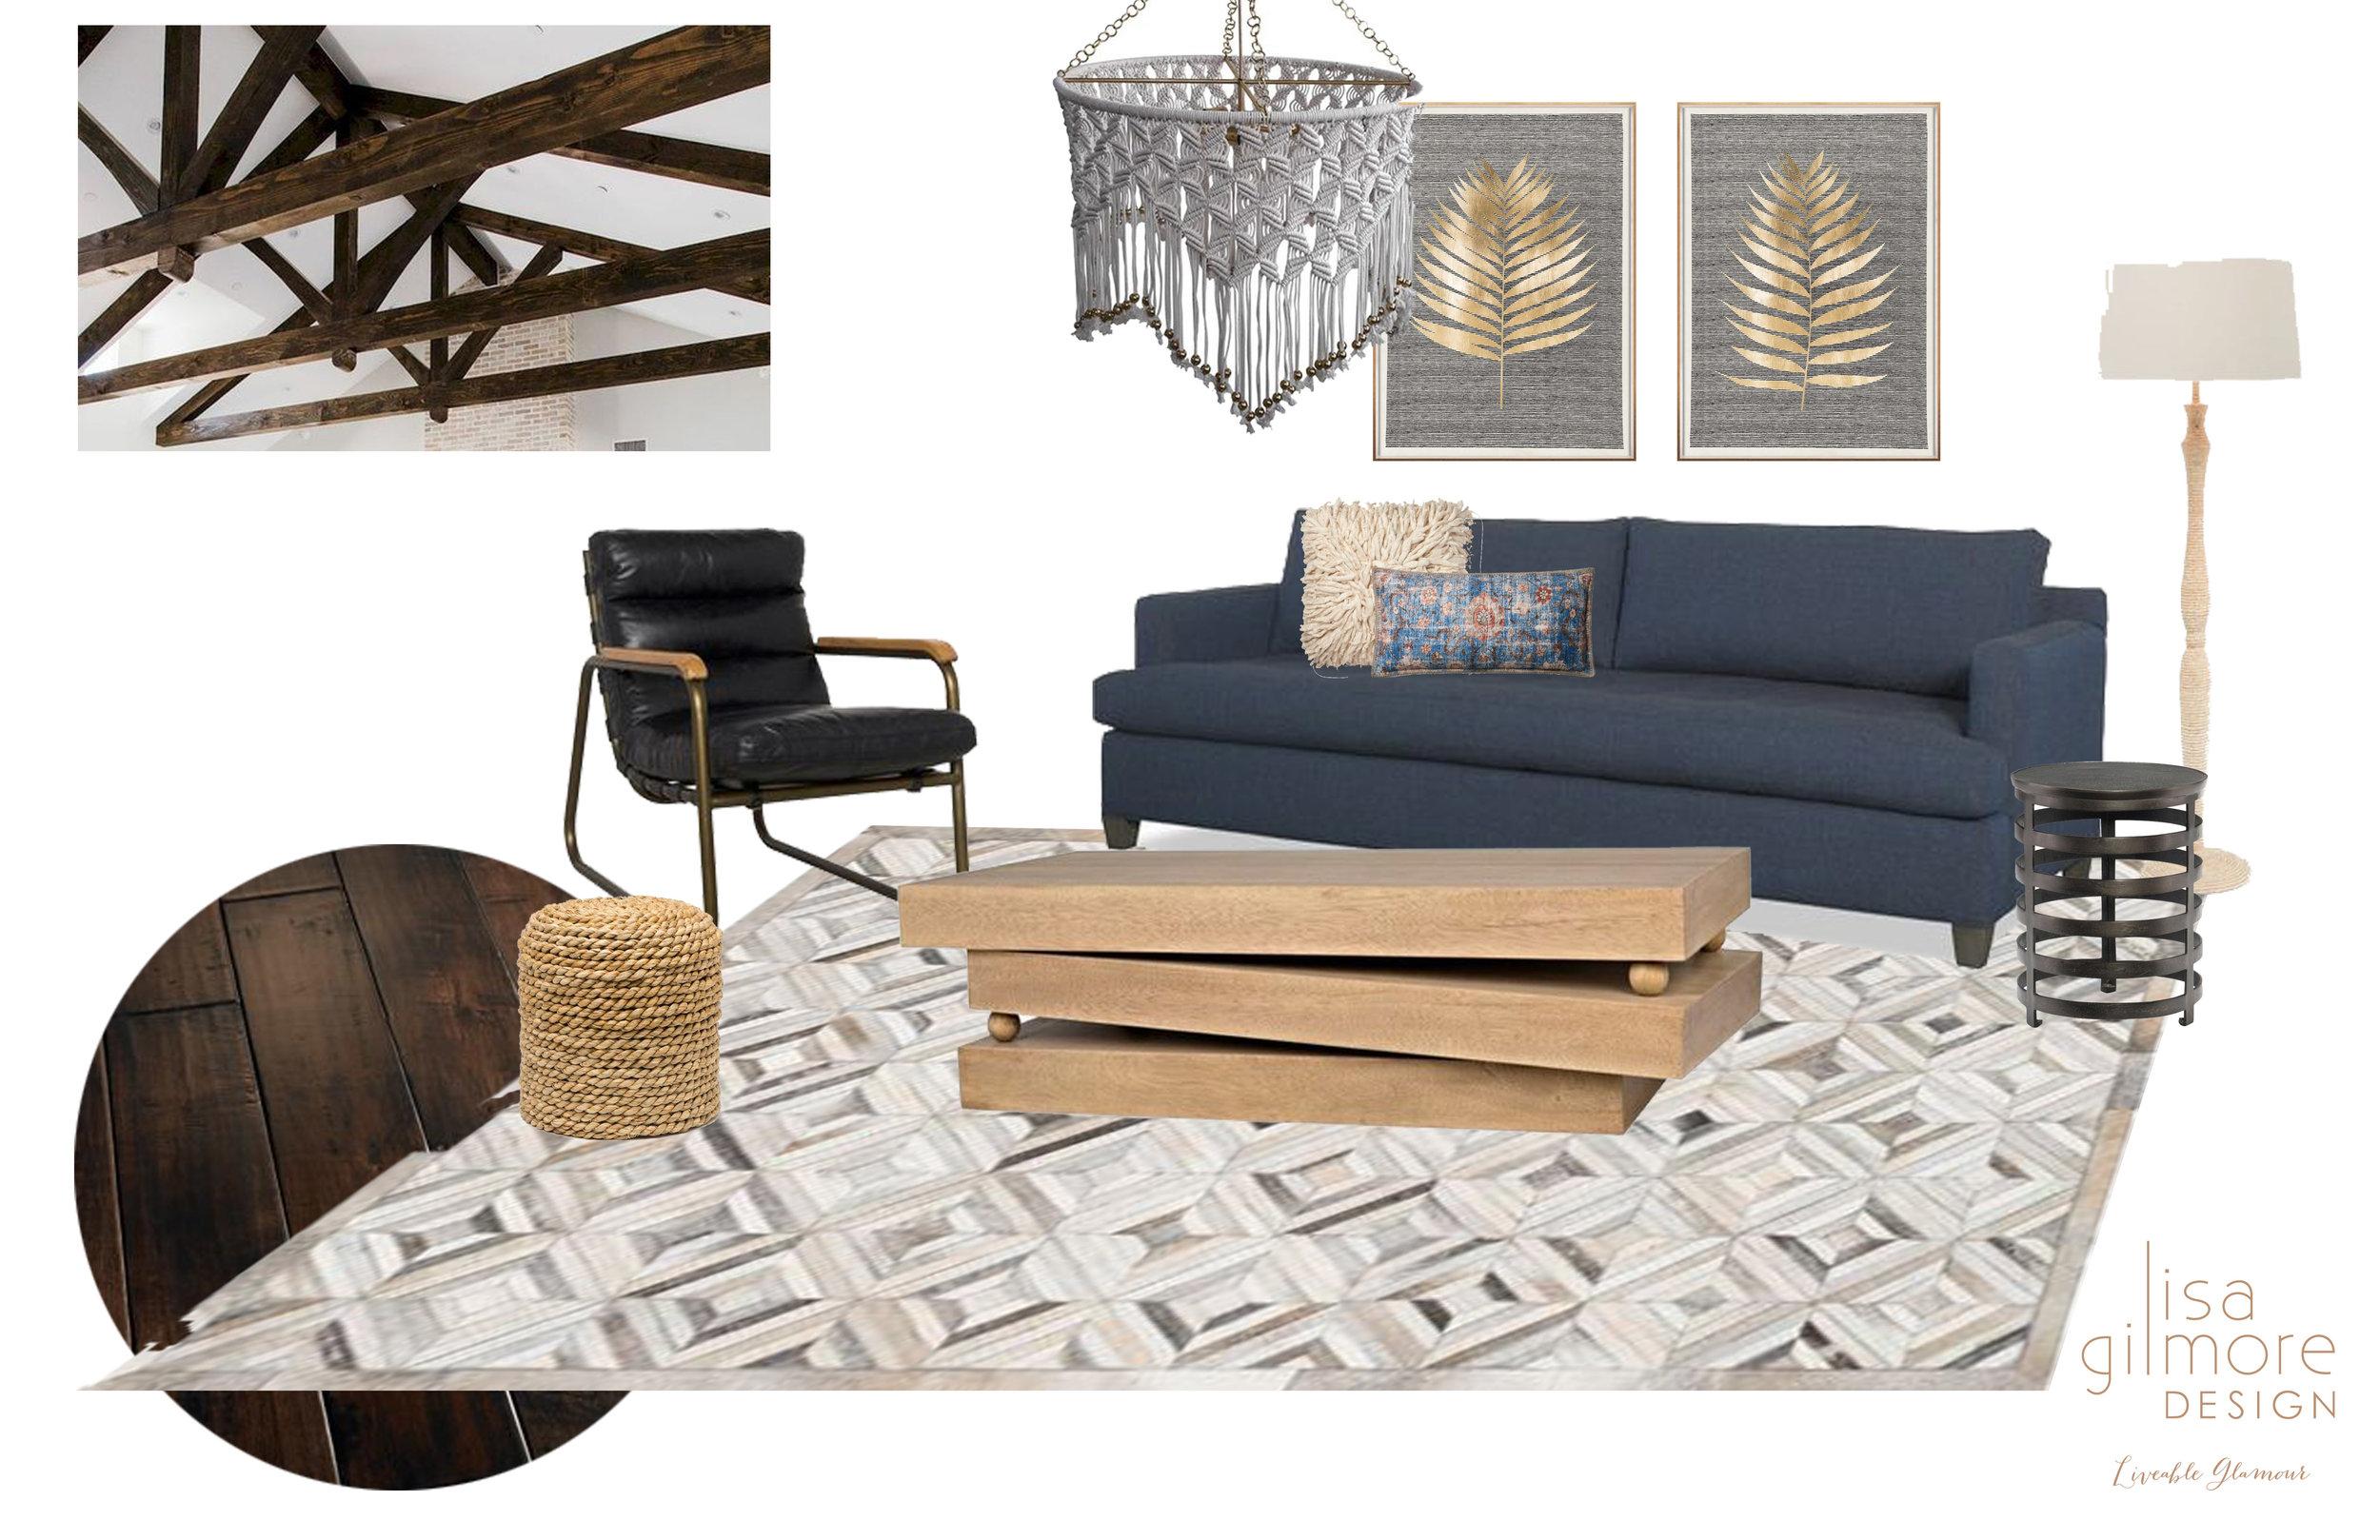 Living Room Design by Lisa Gilmore Design